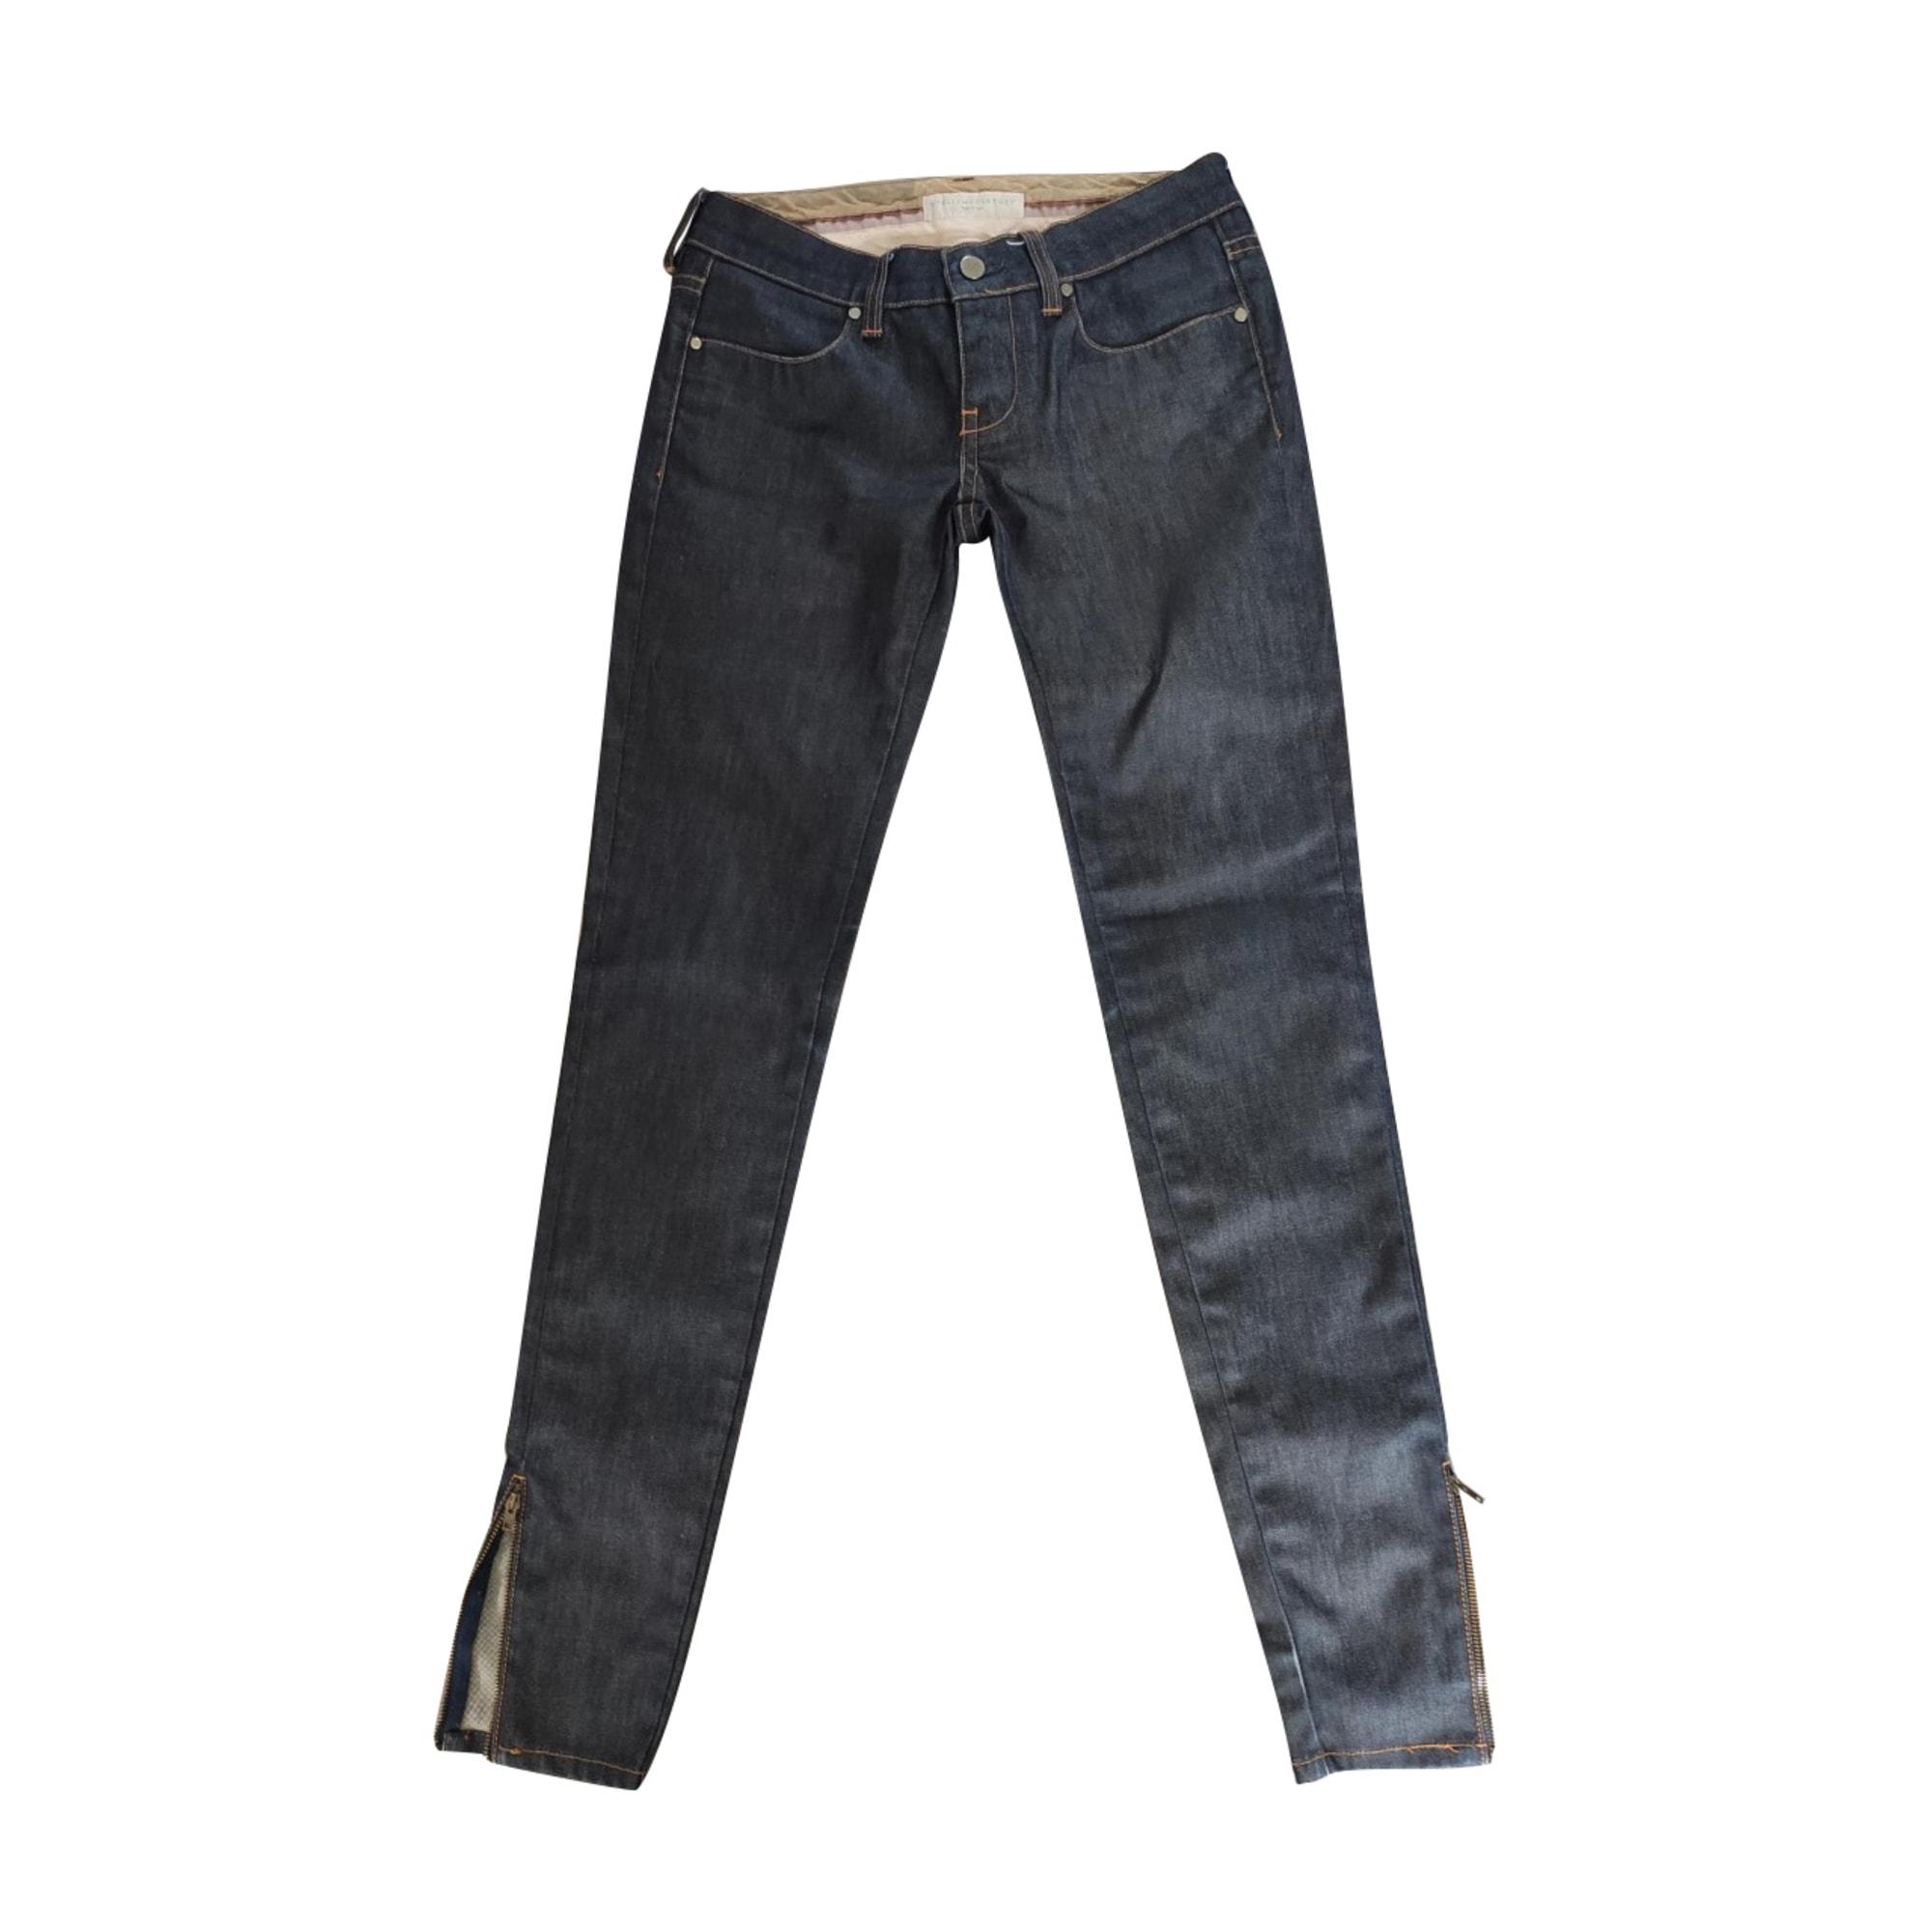 Skinny Jeans STELLA MCCARTNEY Blau, marineblau, türkisblau